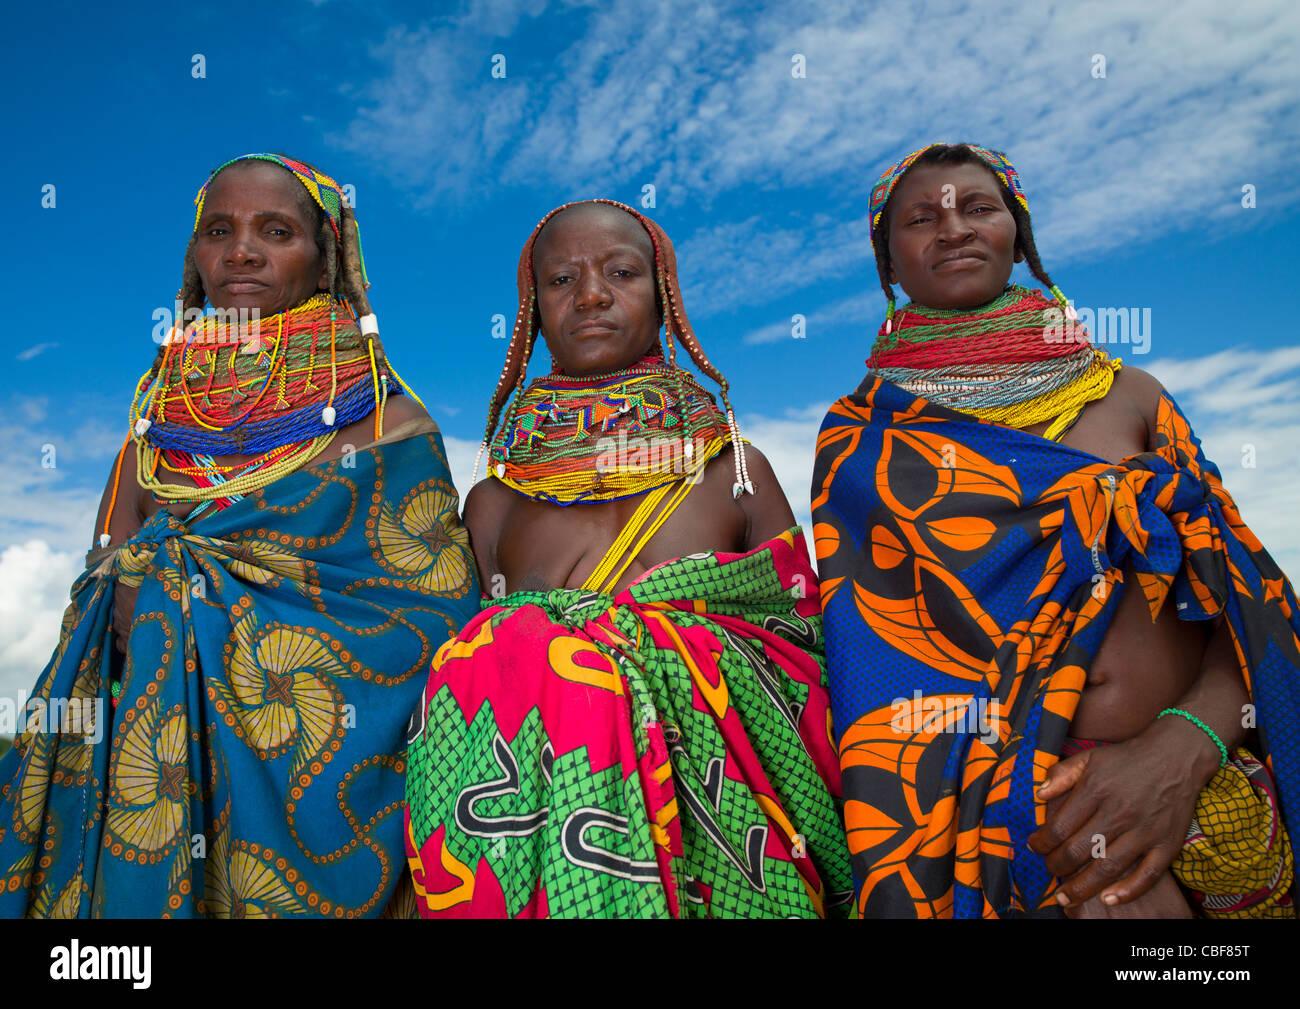 Mwila Mujeres con togas, Chibia, Angola Foto de stock